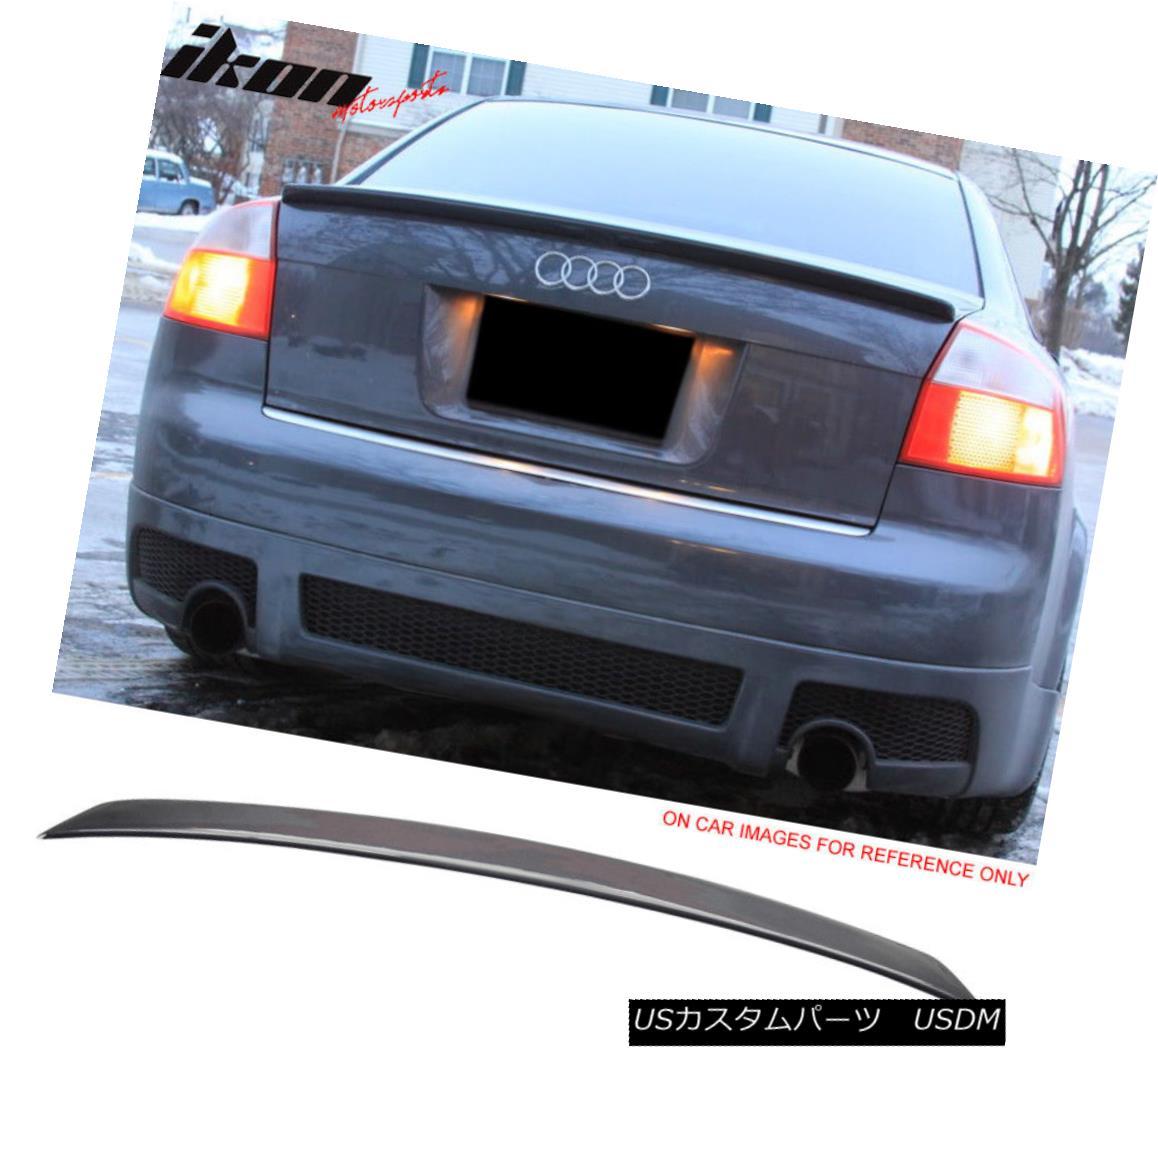 エアロパーツ Fits 02-05 Audi A4 B6 Sedan A Type Trunk Spoiler Painted #LX7Z Dolphin Gray フィット02-05アウディA4 B6セダンA型トランク・スポイラー#LX7Zイルカ・グレー